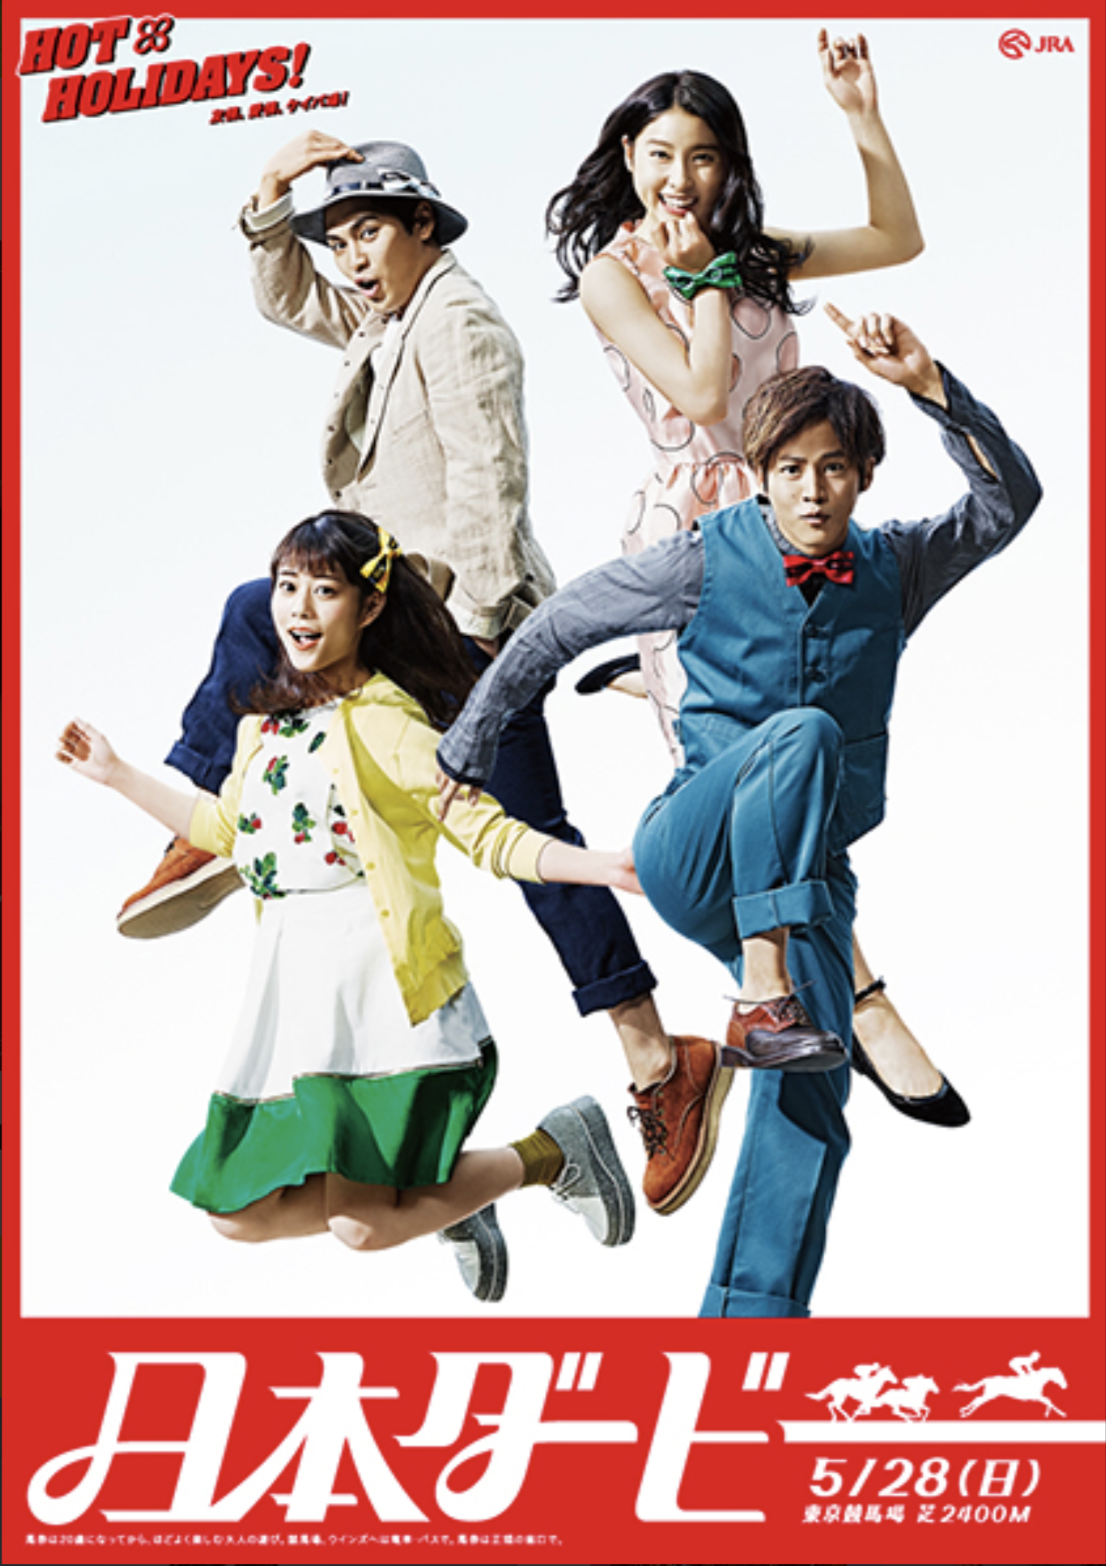 日本ダービー2017ポスター